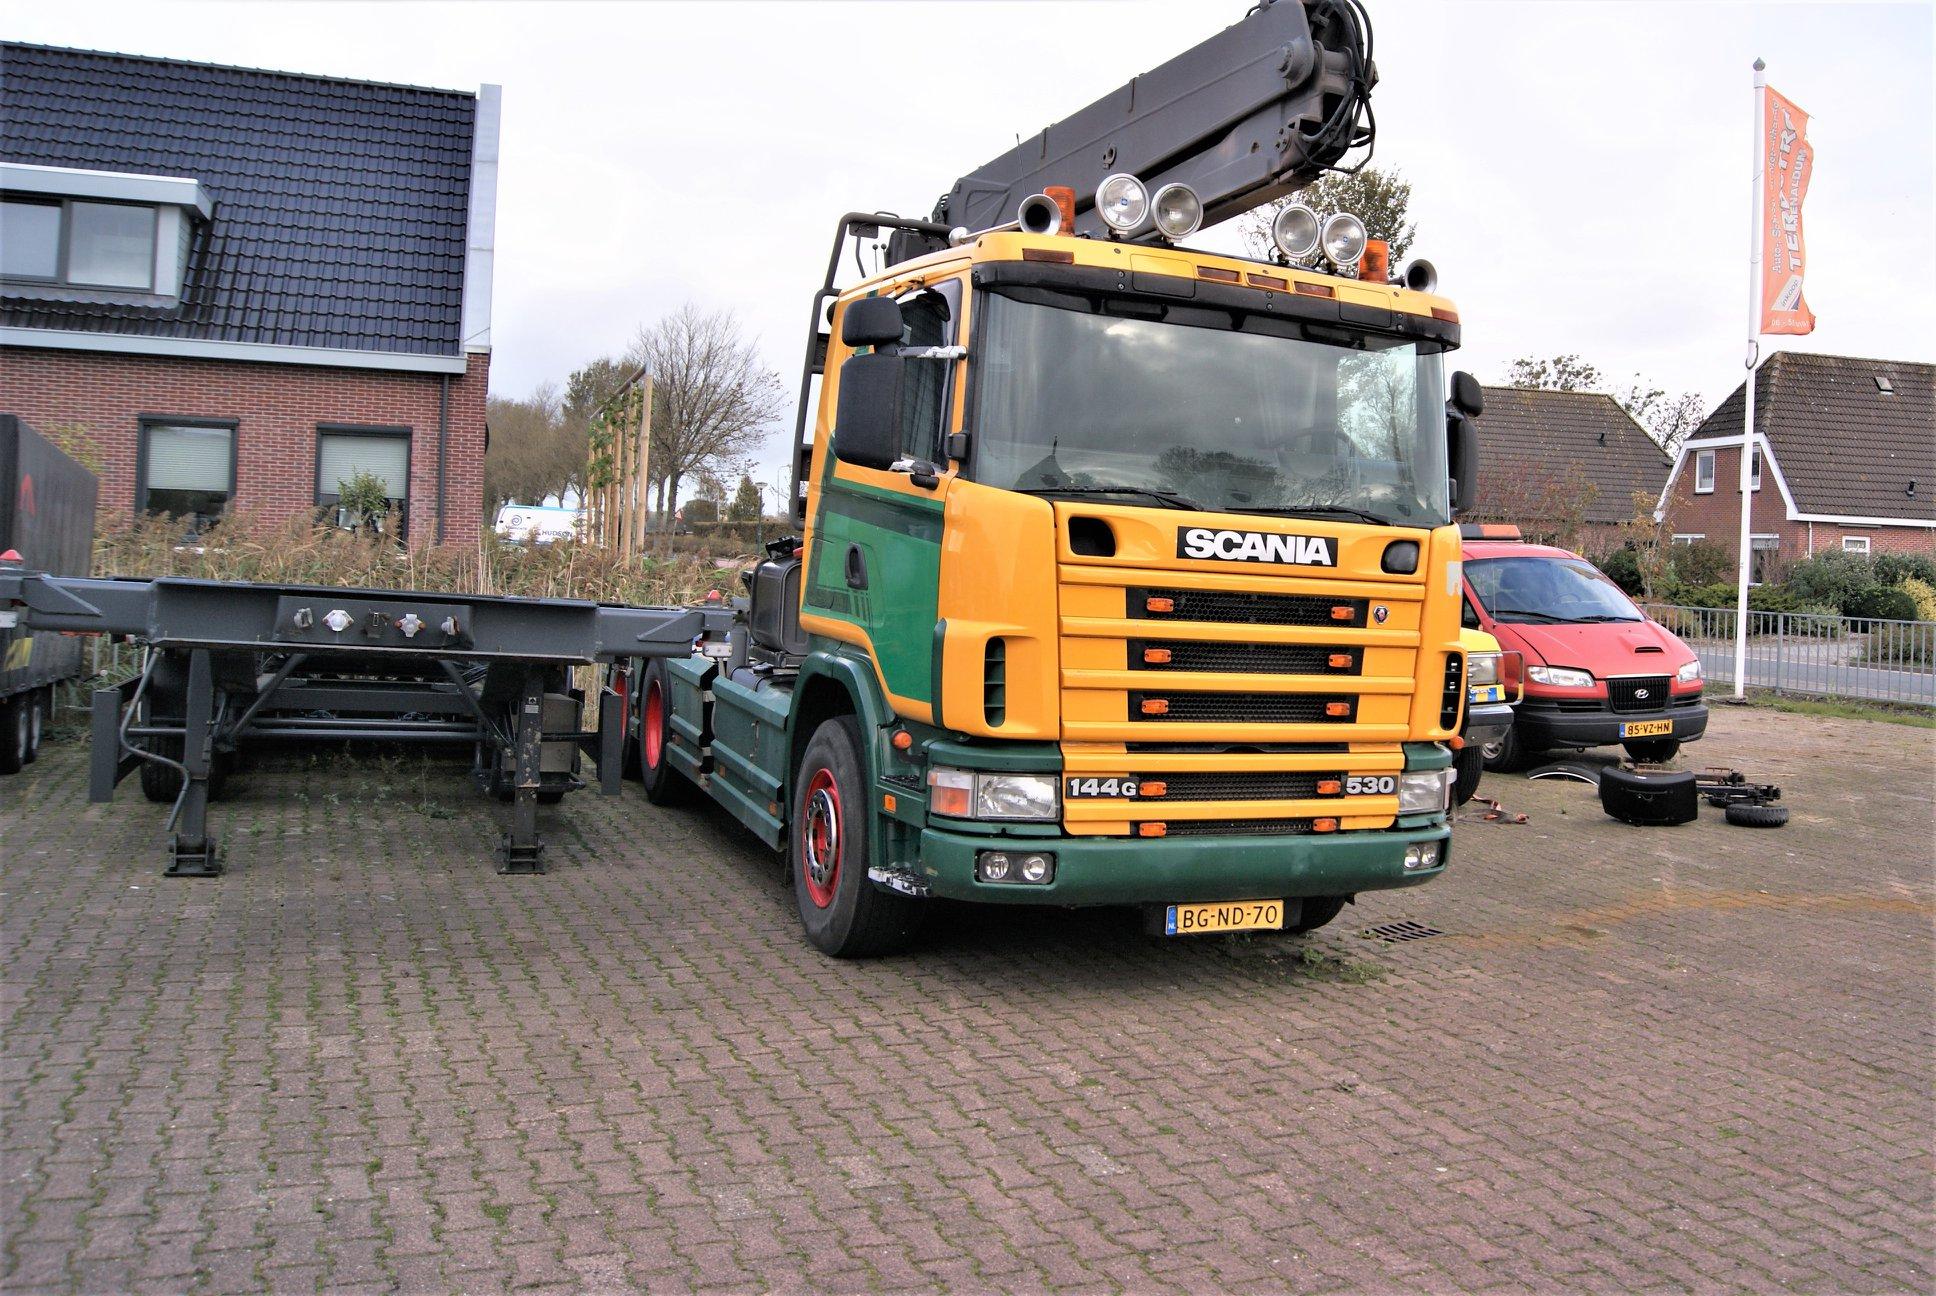 Scania-trekker144-G-530-pk-met-bomen-laadkraan-van-1998-is-van-L-Terpstra-uit-Menaldum-1